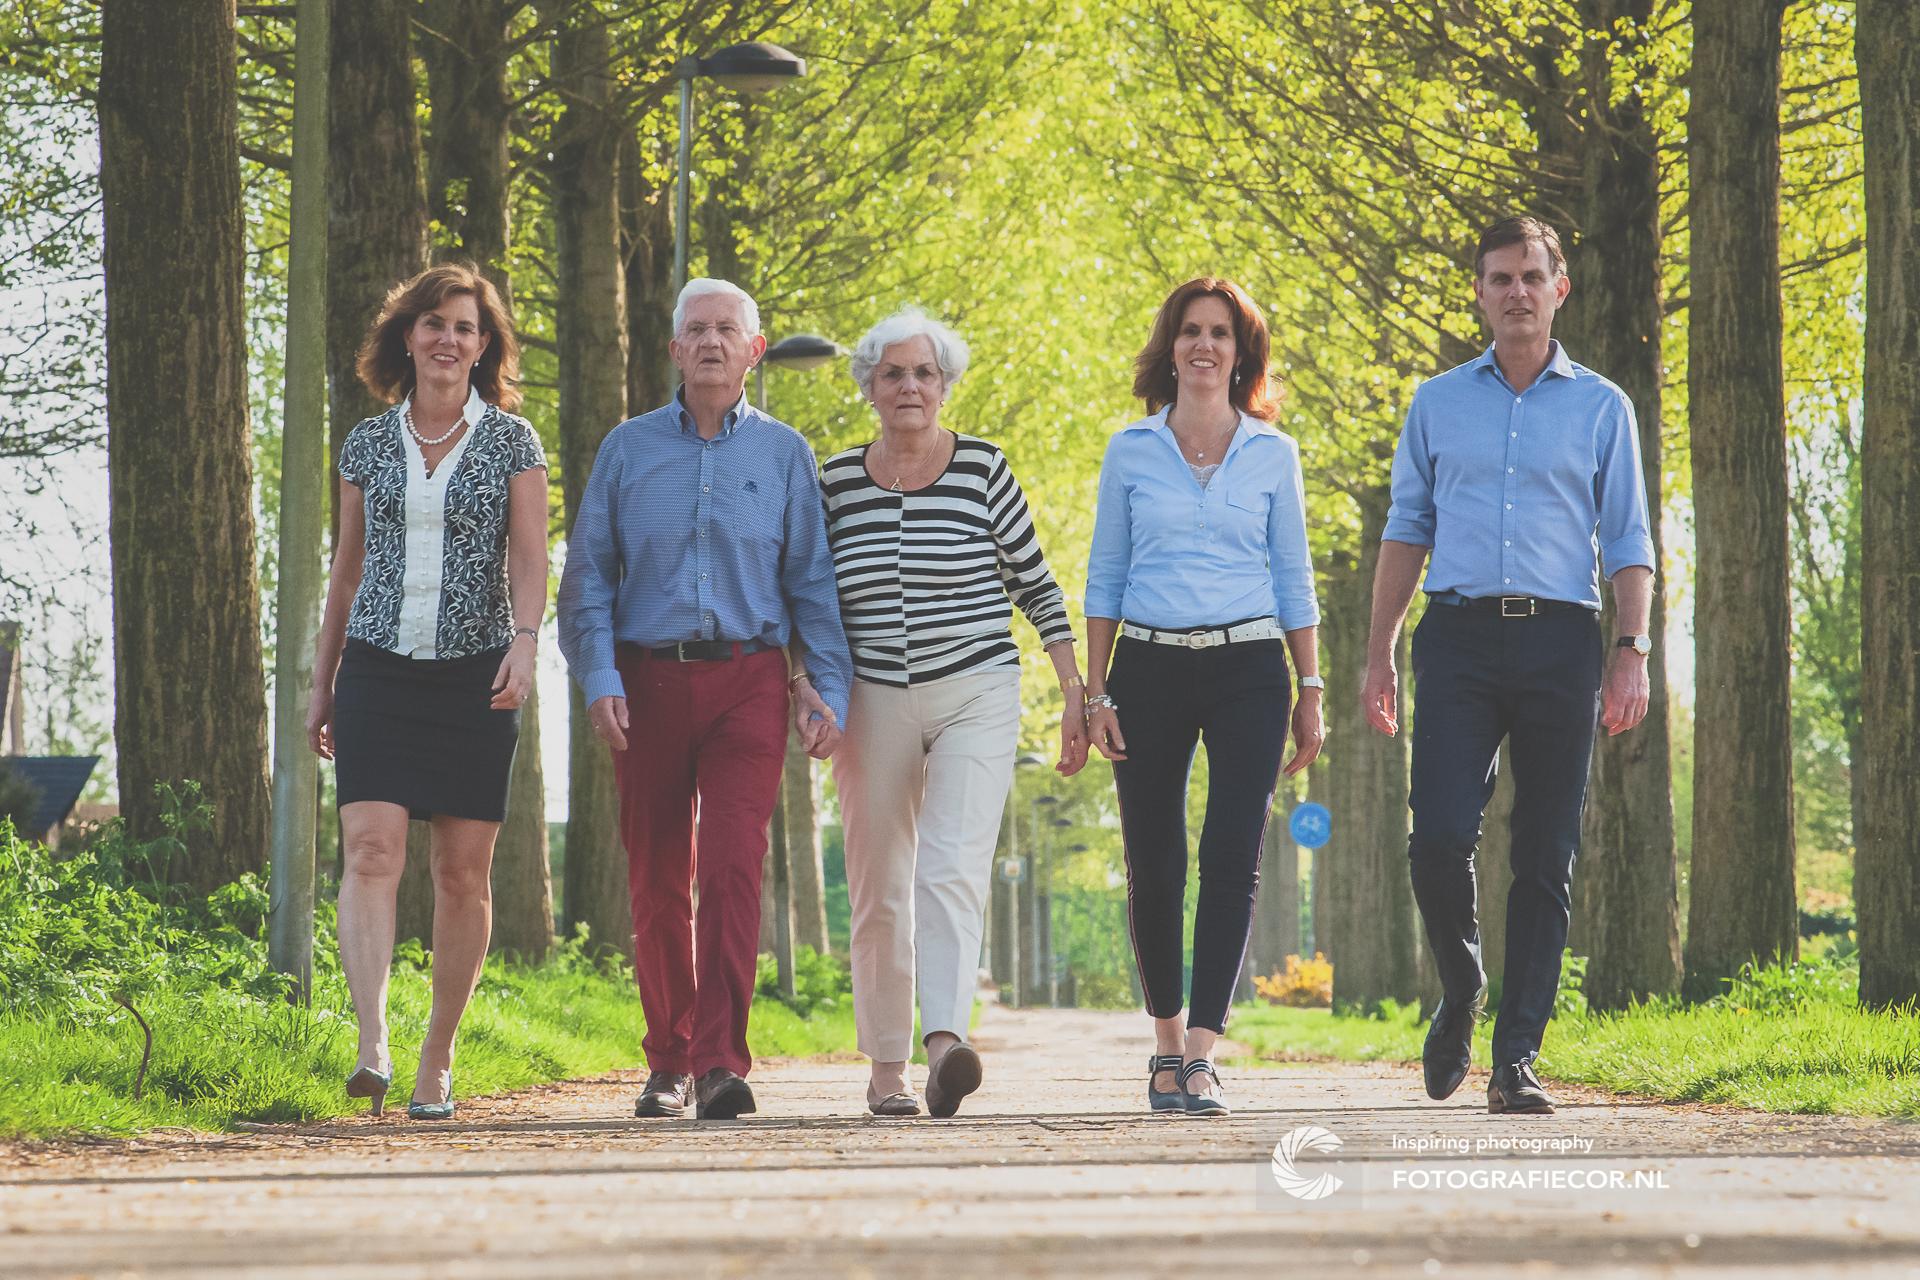 Gezin | Familie | portretfotografie | wandelen | fotograaf | Kampen | shoot | fotoshoot familie | familie fotoshoot op locatie